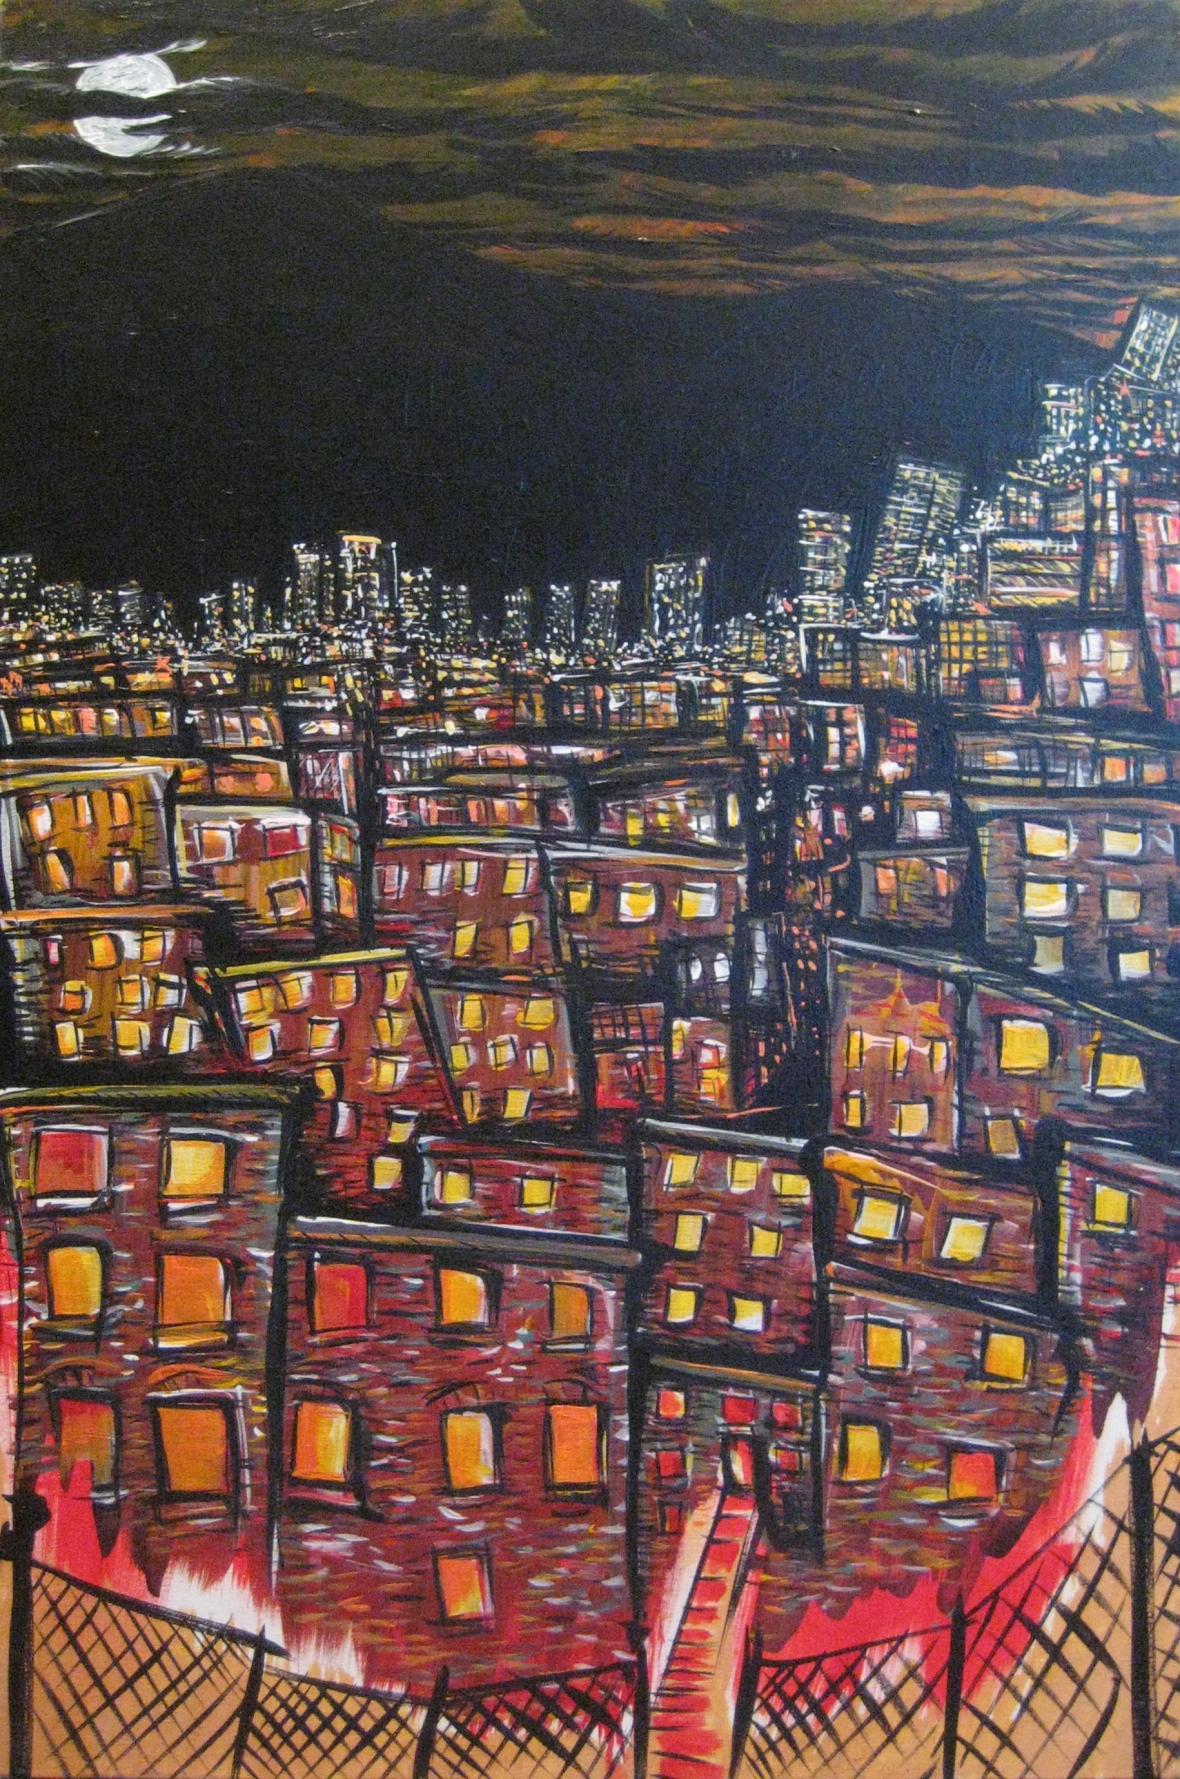 City Night Lights #7